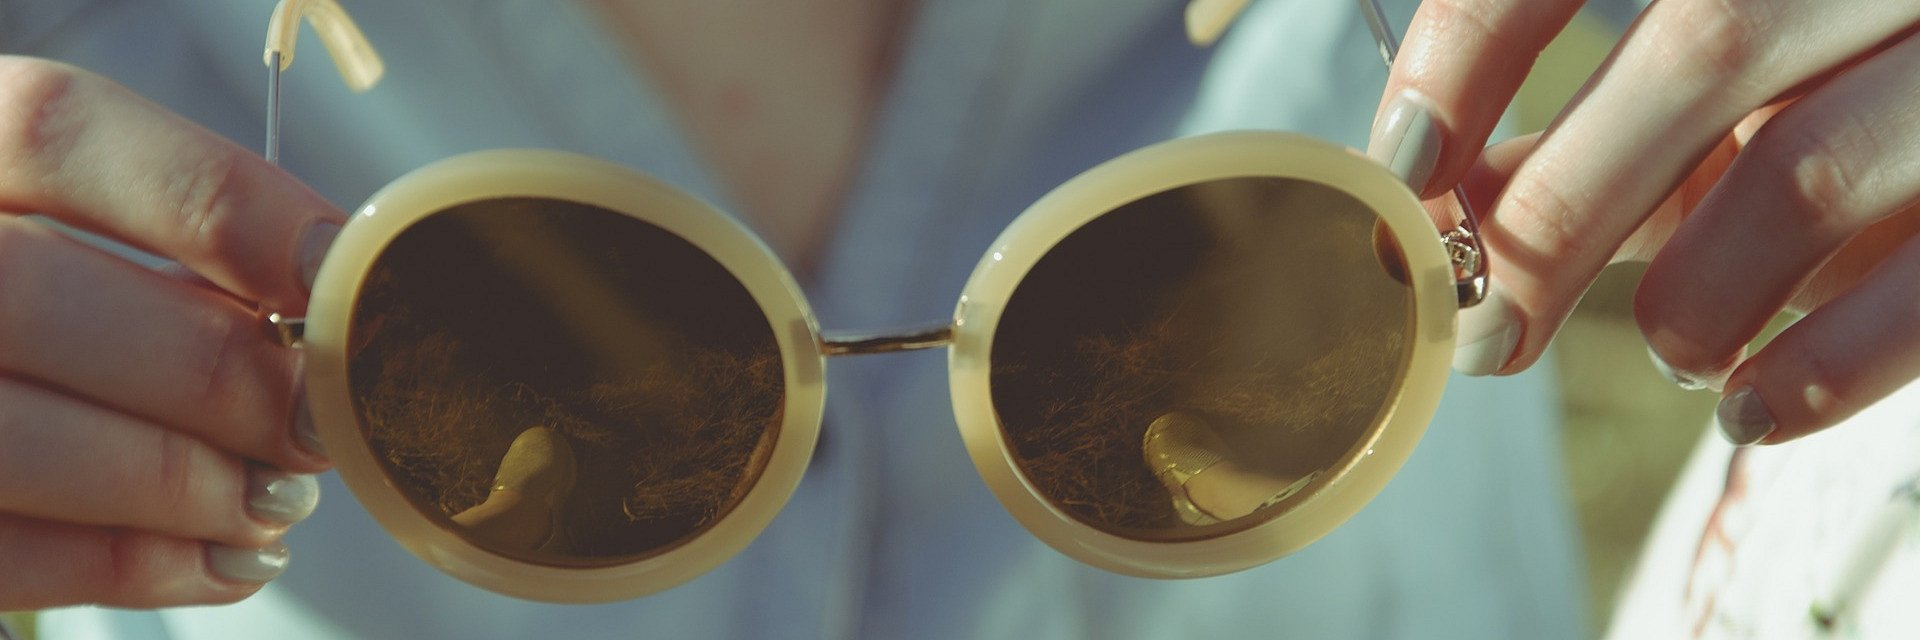 Coraz więcej marek optycznych sprzedaje w Internecie, dlaczego to niebezpieczne dla twojego wzroku?